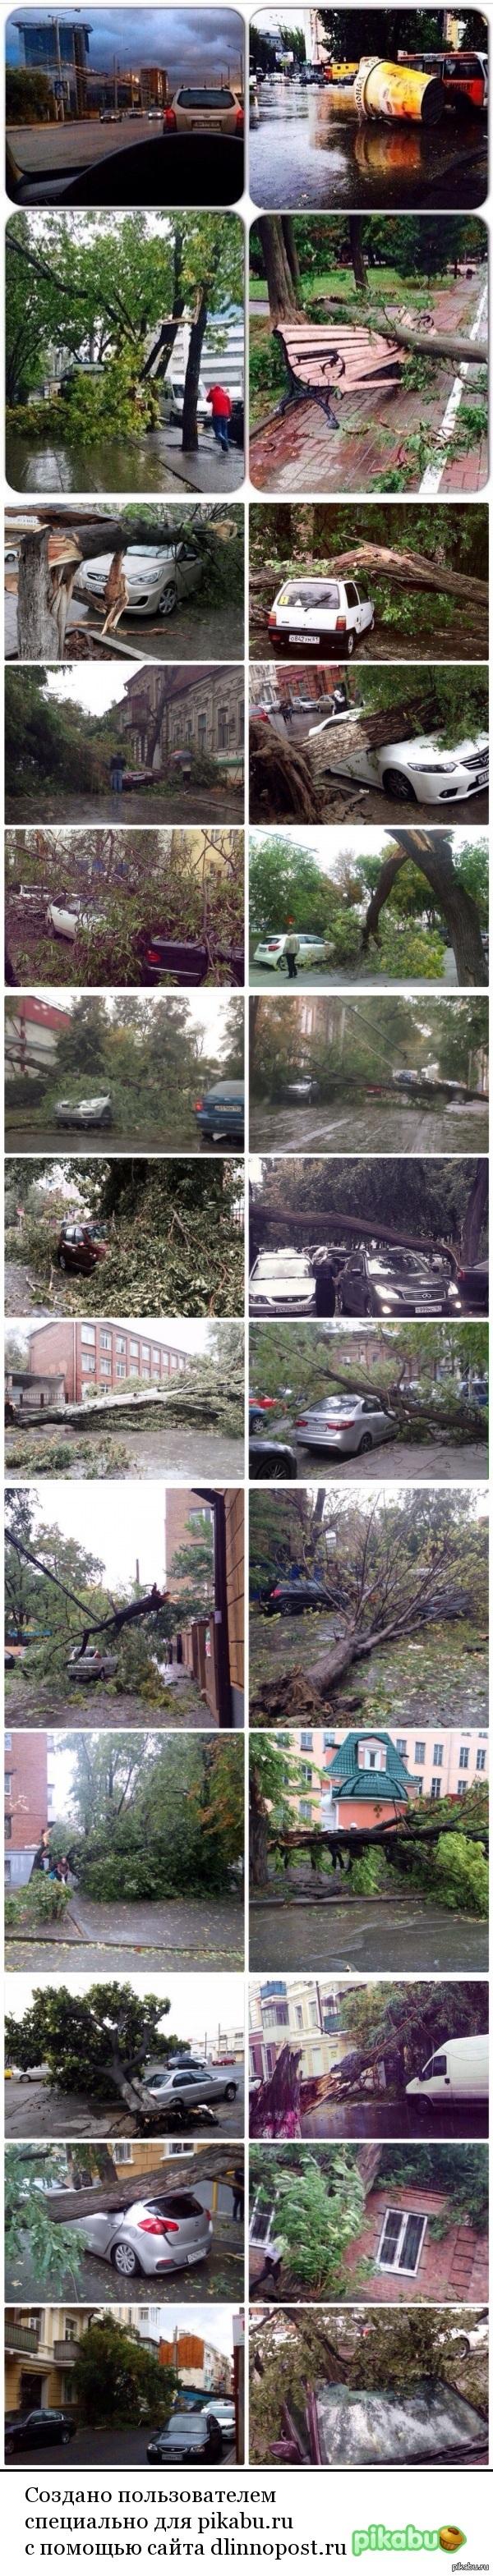 Ураган в Ростове-на-Дону куча деревьев вырваны с корнями!